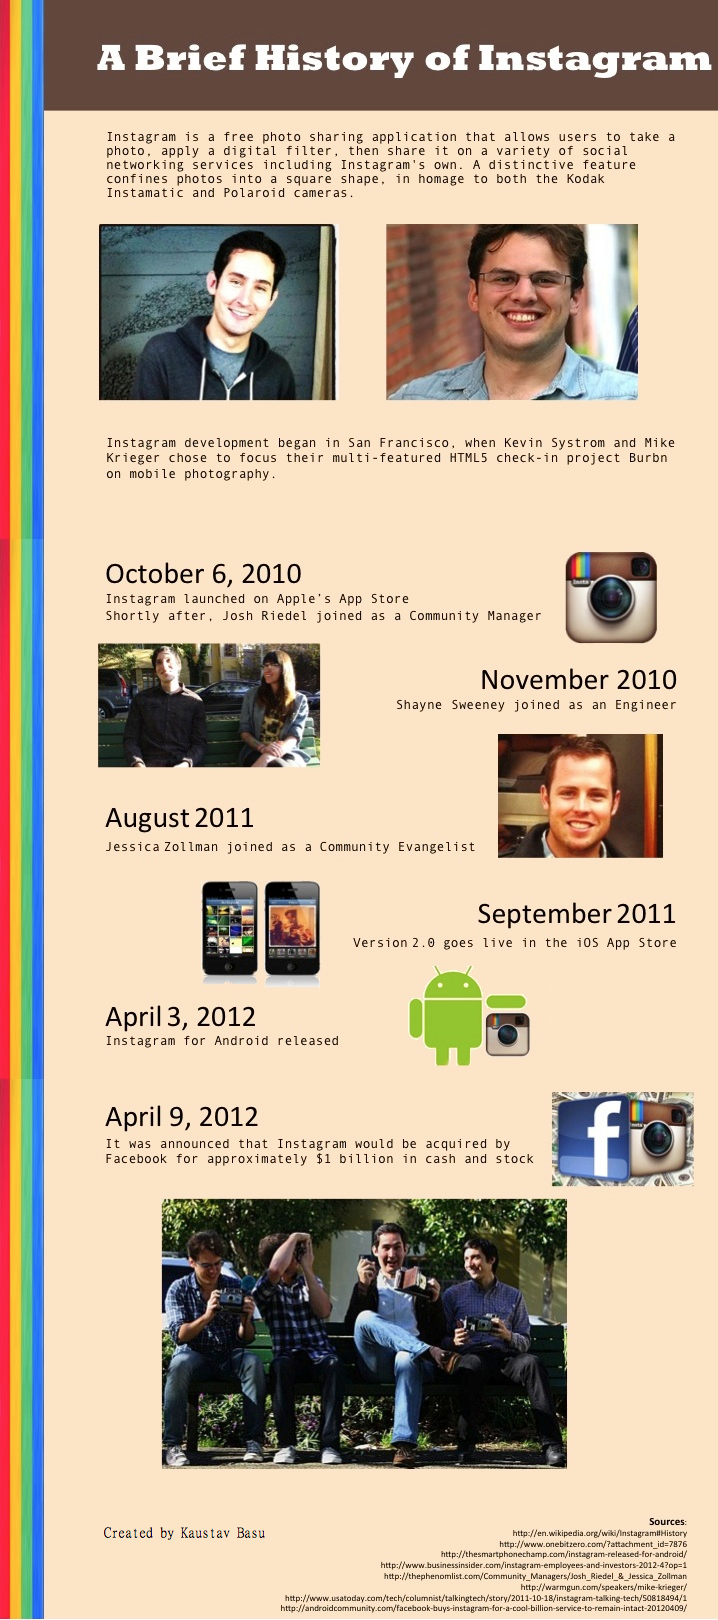 historia de instagram  infografia  infographic